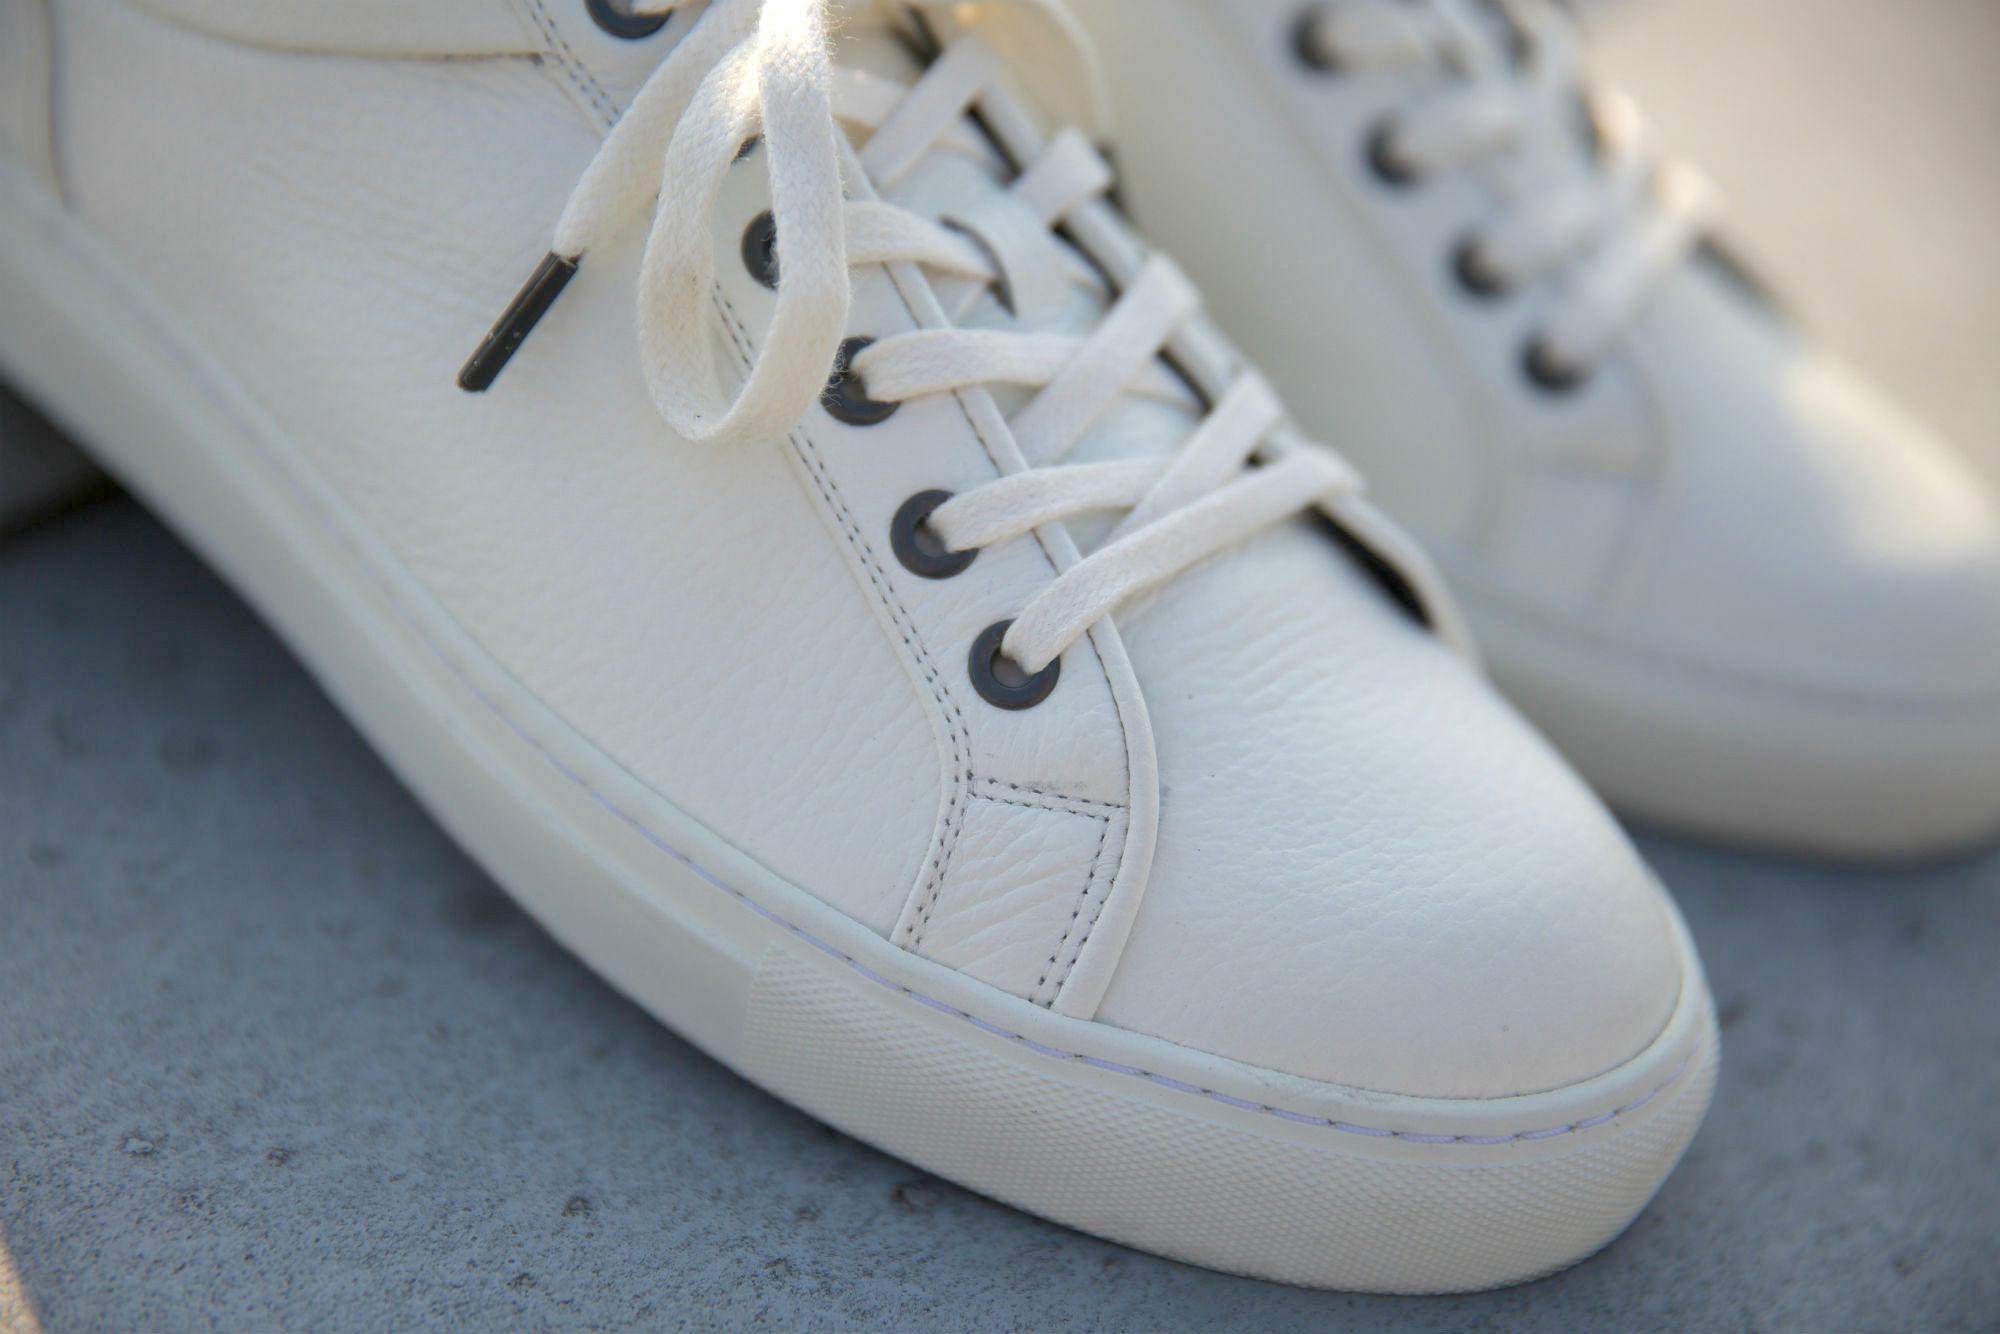 Comment bien nettoyer ses baskets blanches en cuir   Tuto Vidéo 80f2caaa9d2